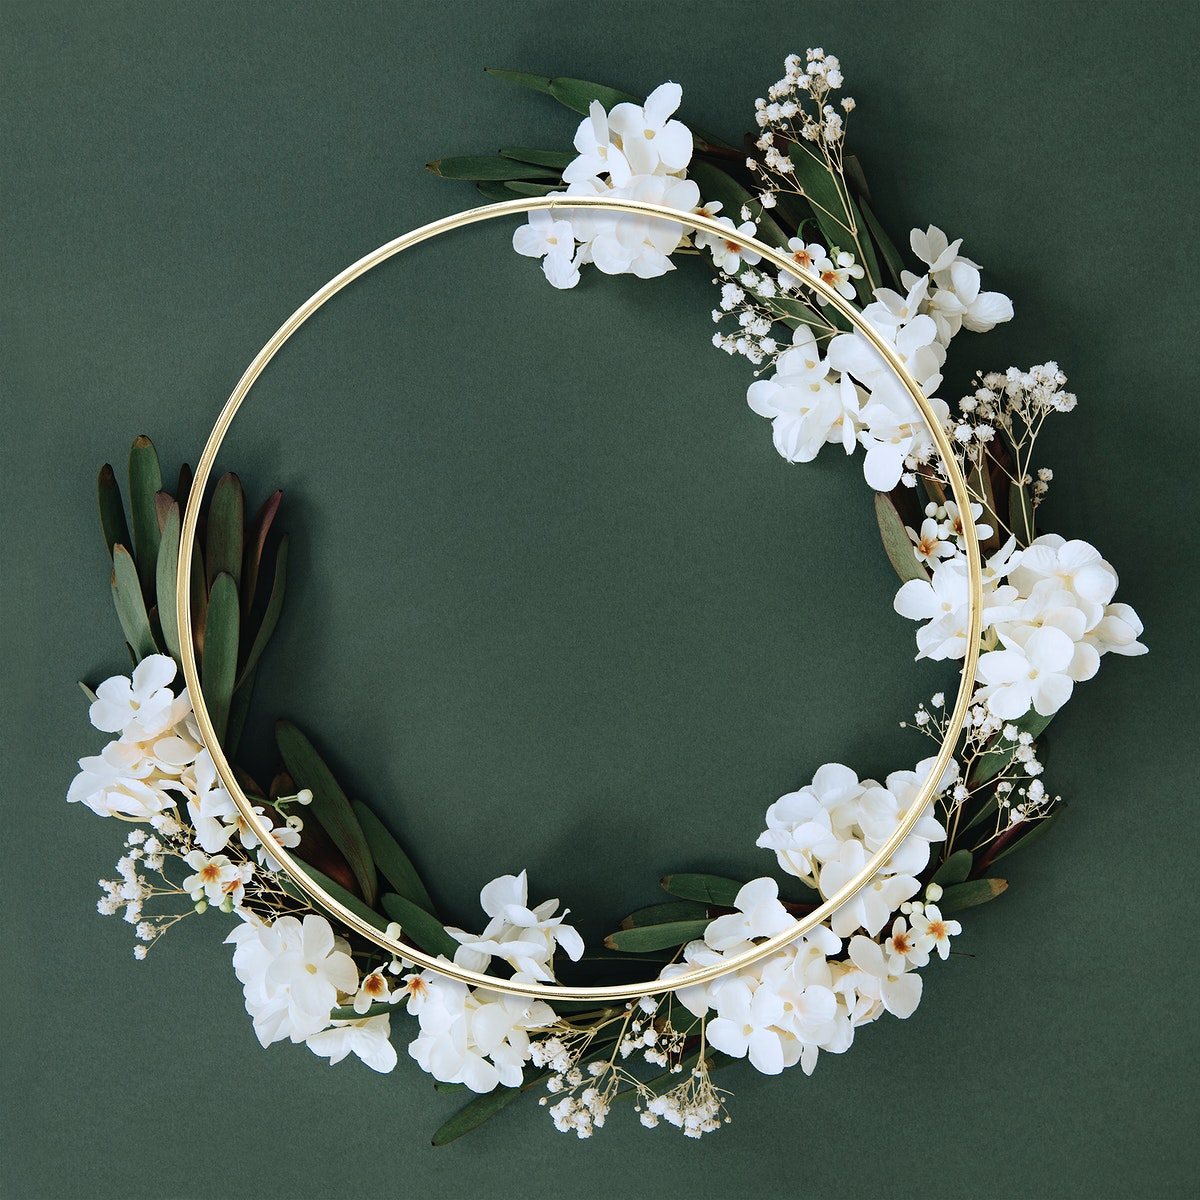 Golden round floral frame design